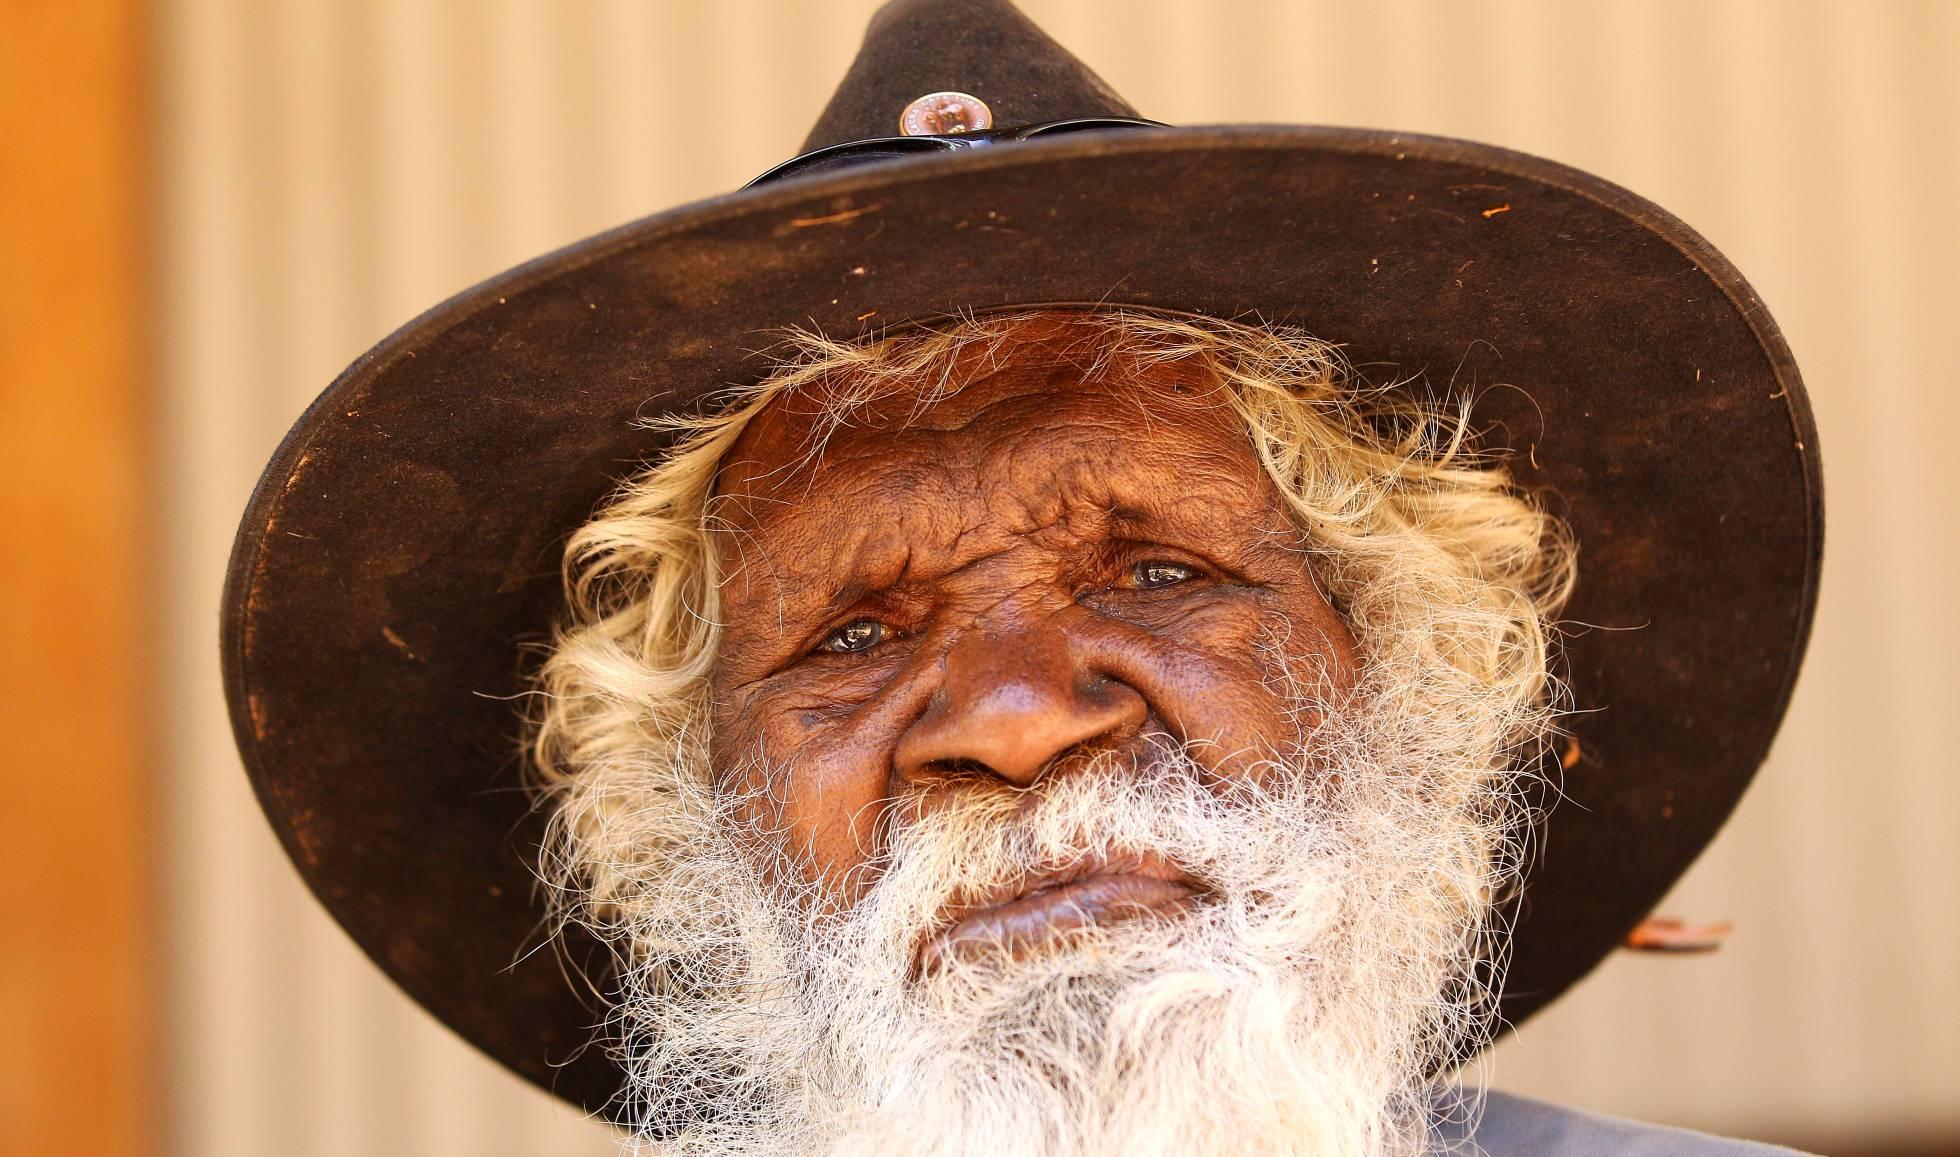 Tommy George, que morreu em julho, era o último falante de awu laya, uma língua aborígene da Austrália.